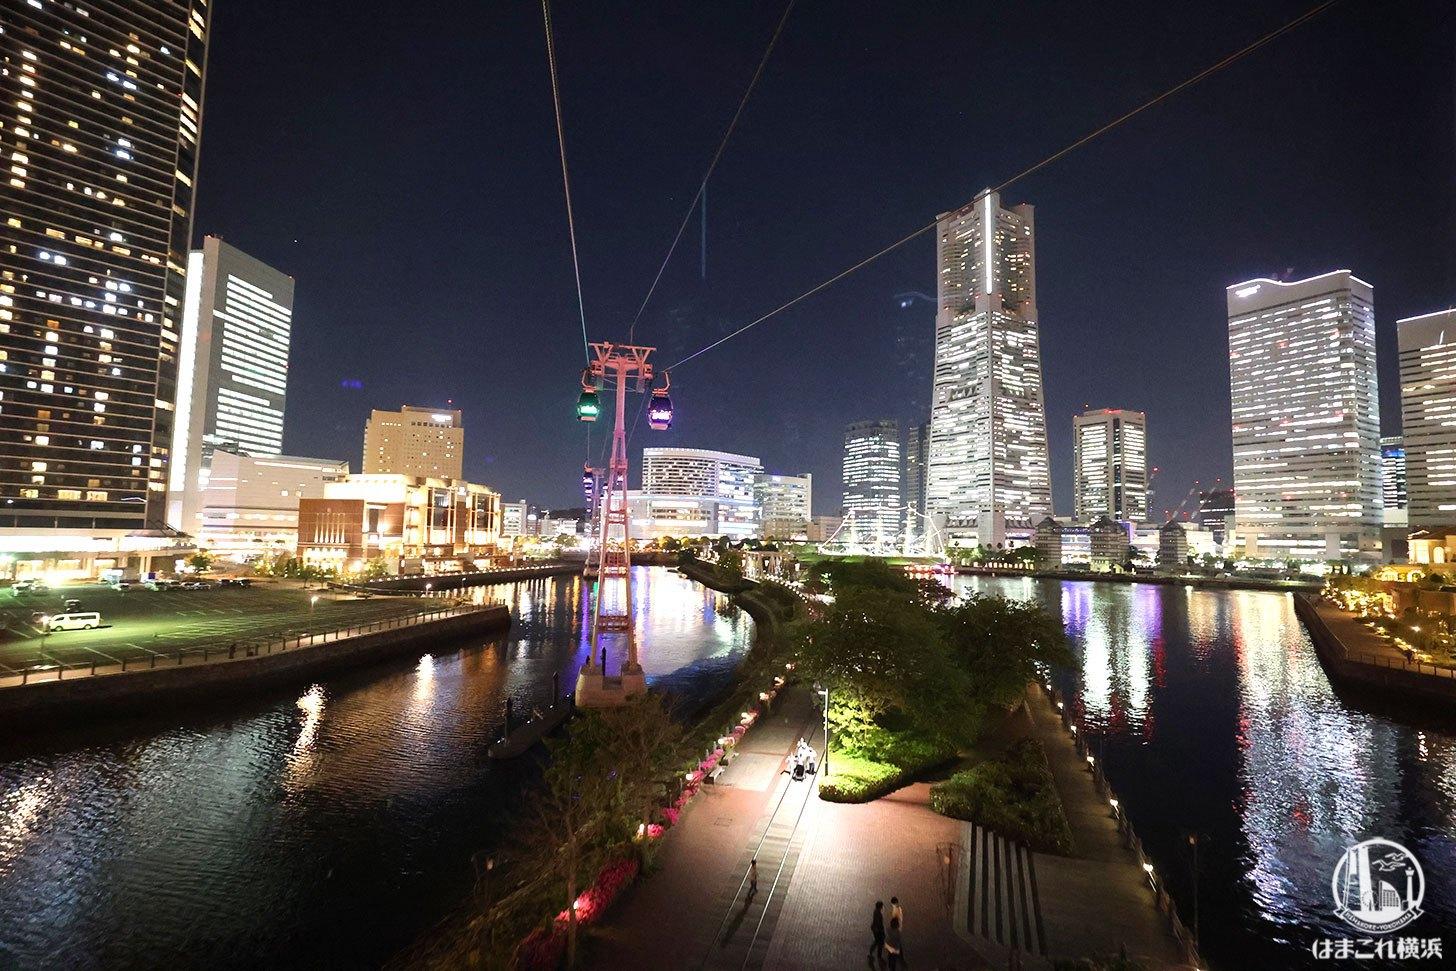 ゴンドラから見た夜景 横浜ランドマークタワー